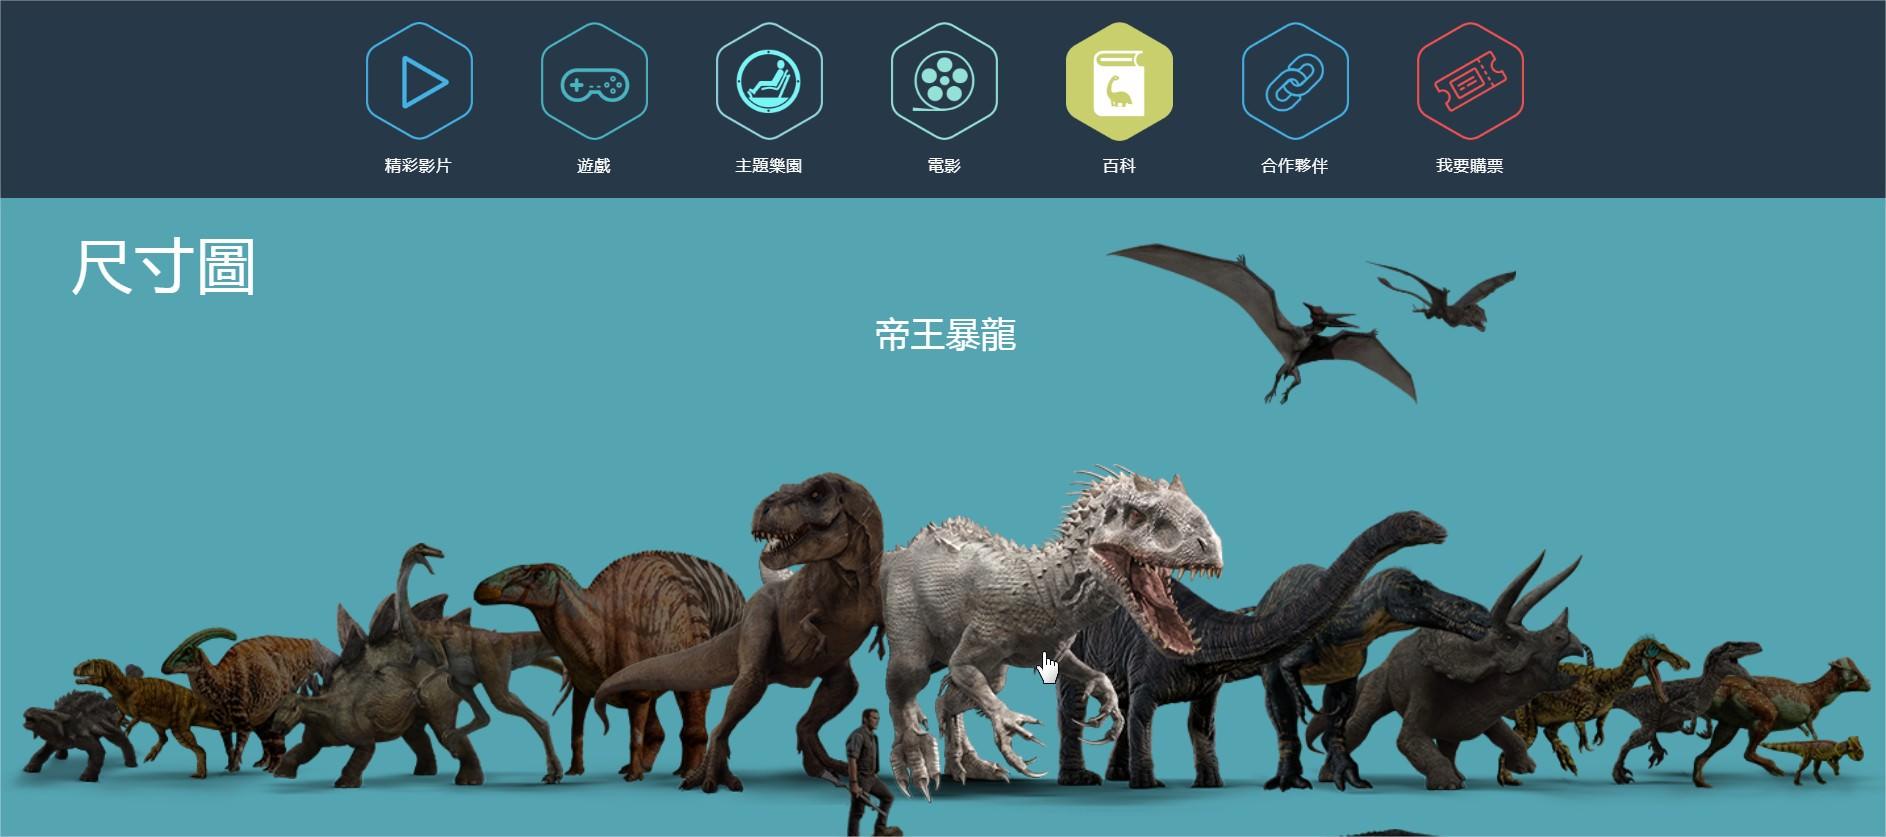 Movie, Jurassic World: Fallen Kingdom(美國) / 侏羅紀世界:殞落國度(台) / 侏罗纪世界2(中) / 侏羅紀世界:迷失國度(港), 官方網站